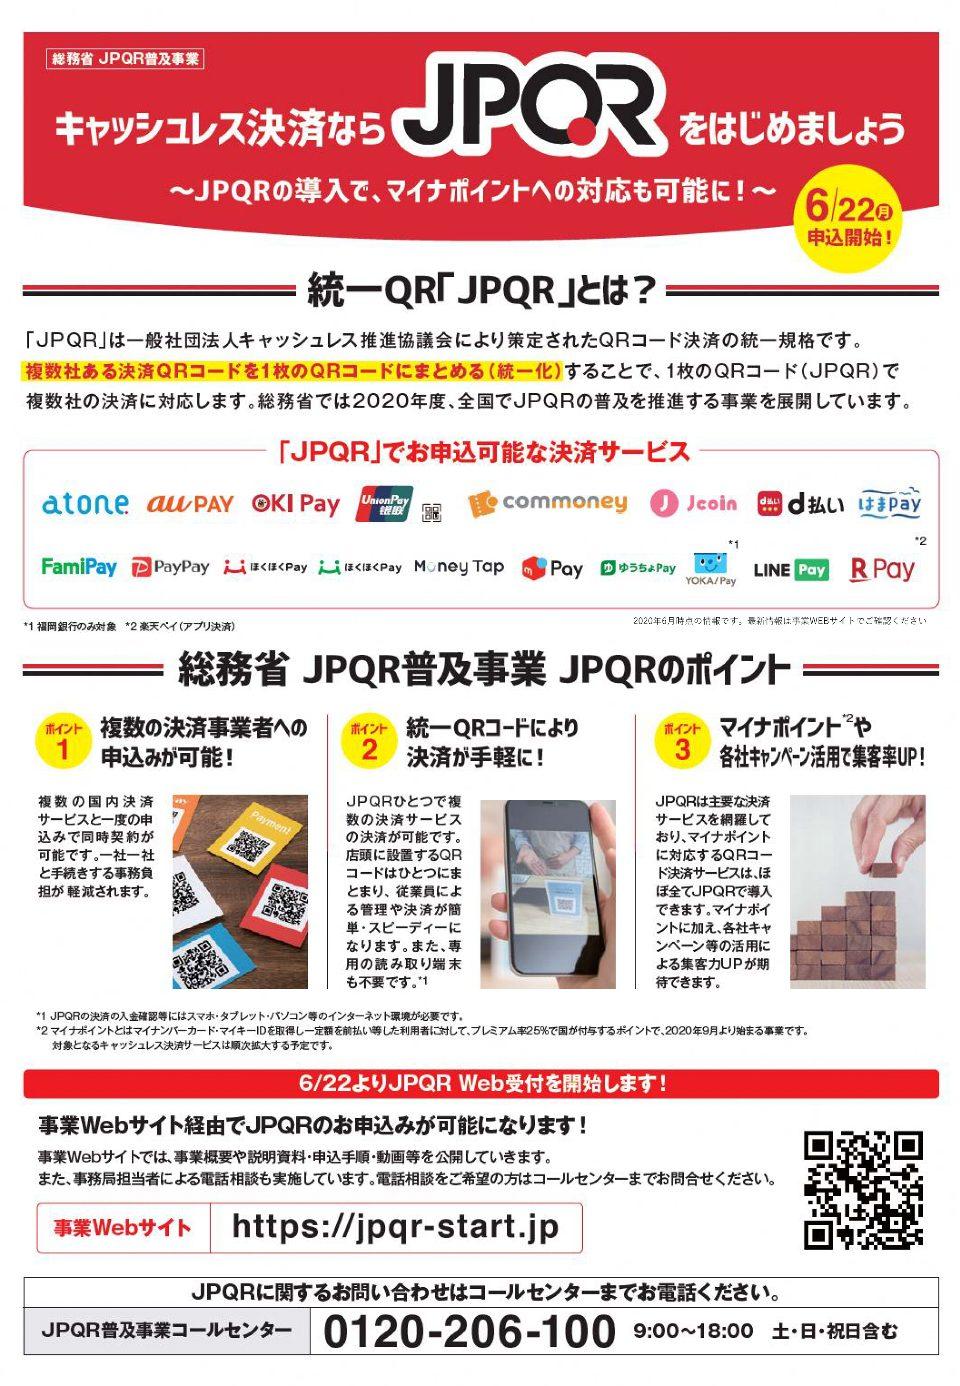 【相馬市】JPQR申込説明会 @ 相馬市民会館(多目的ホール)